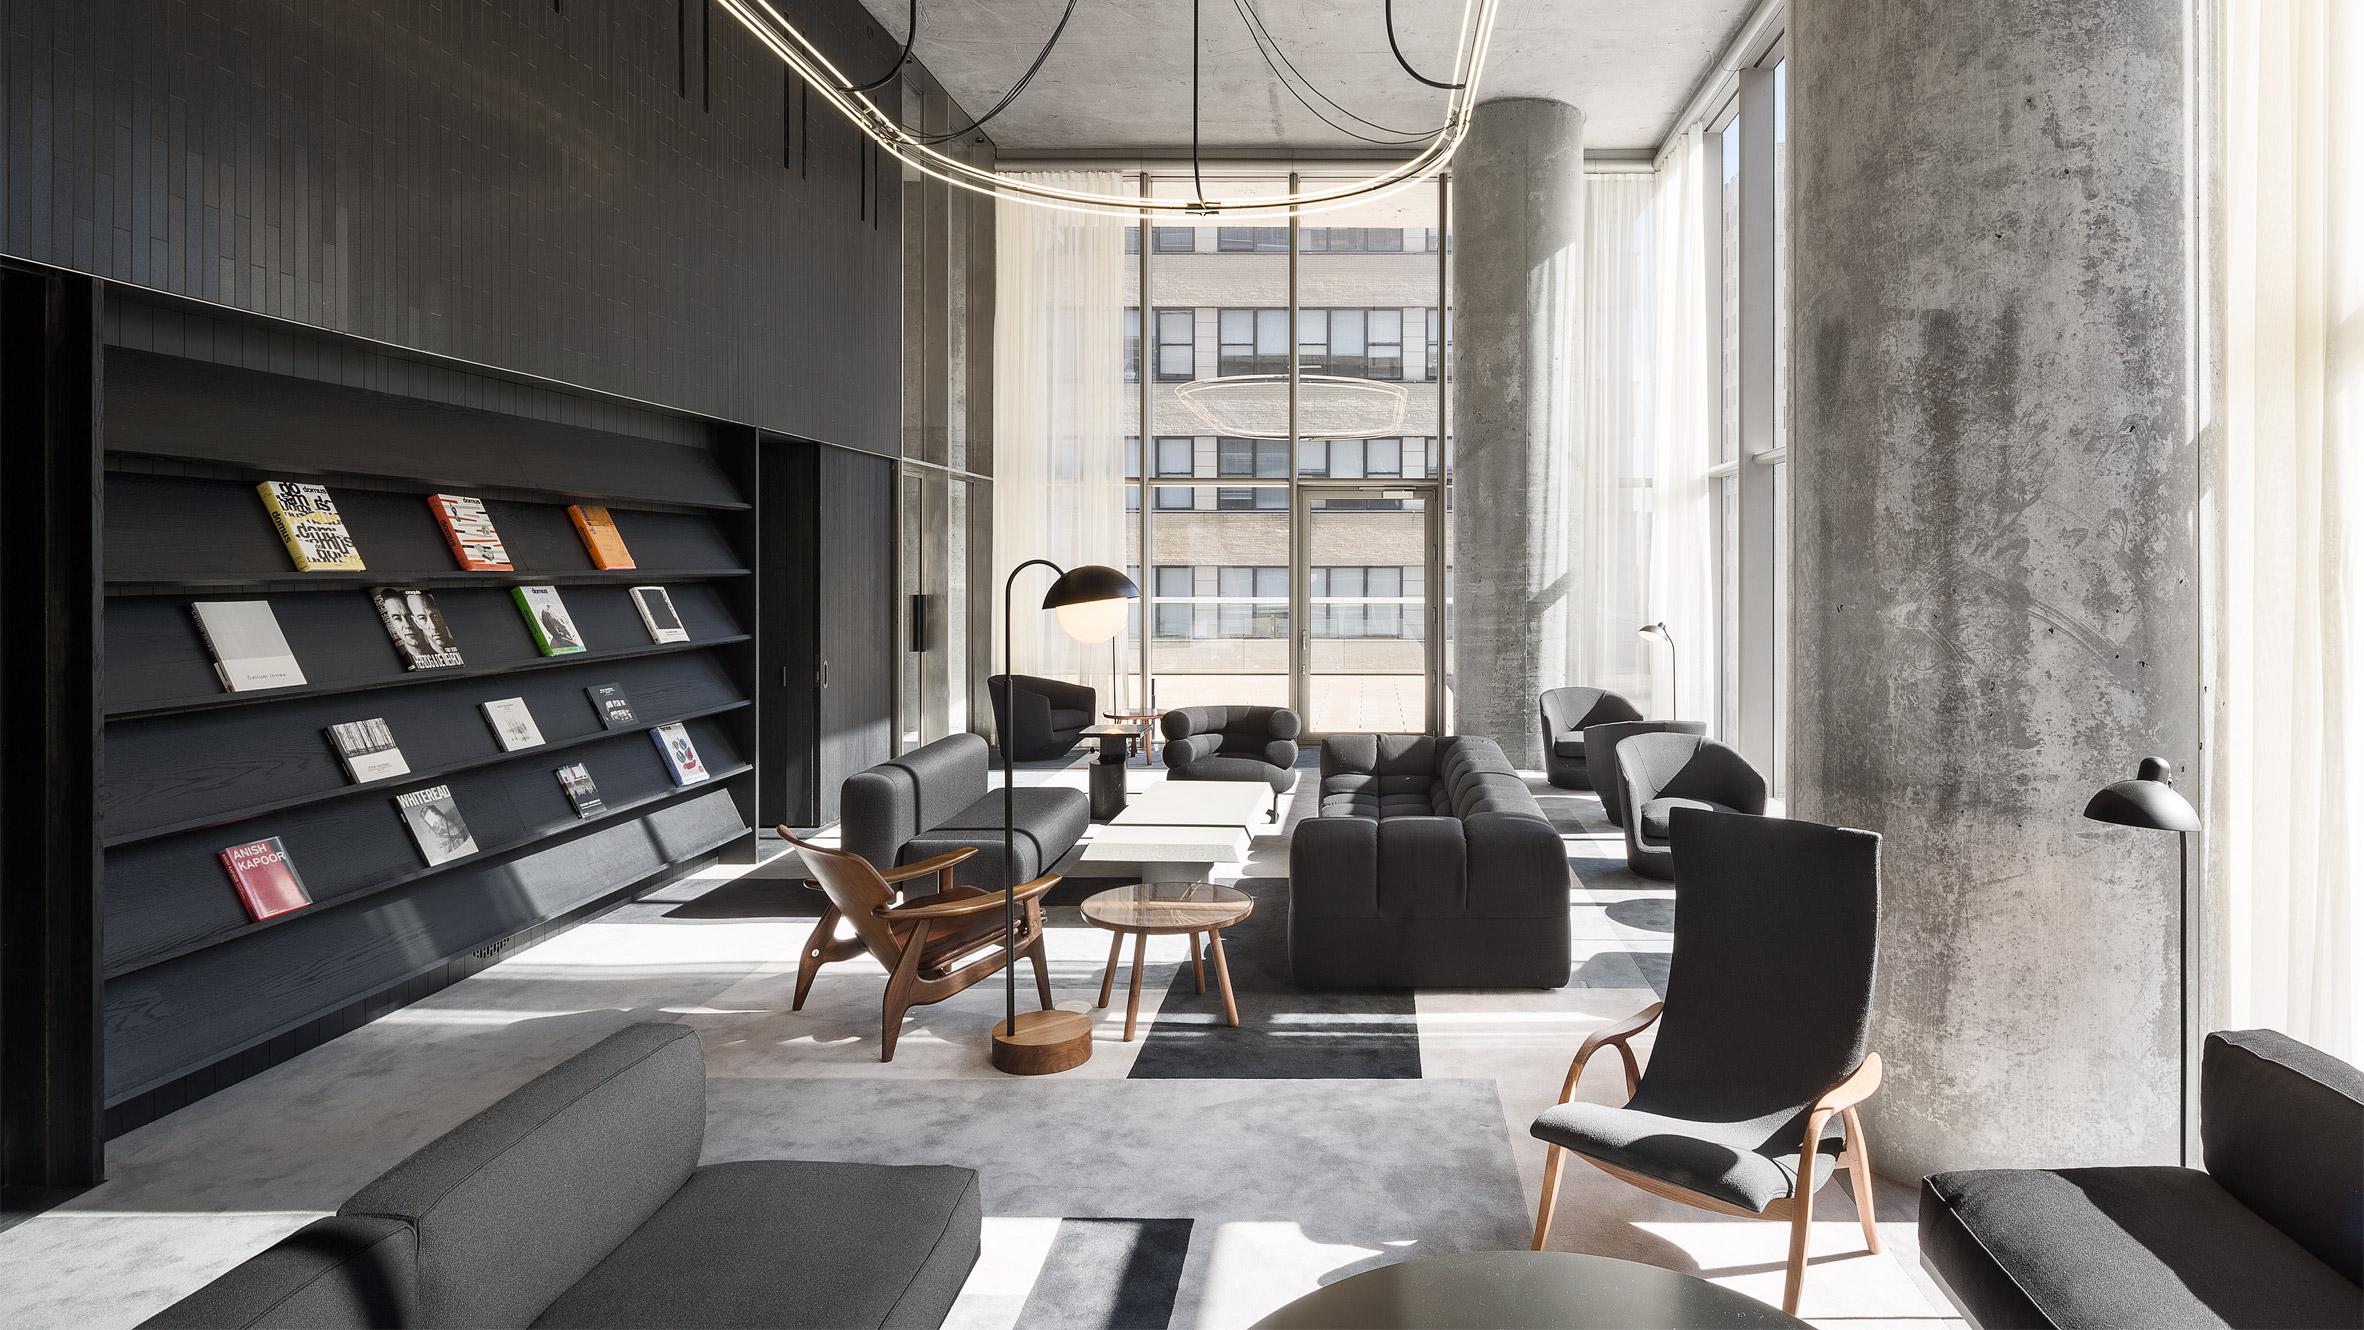 Interior of amenities of 56 Leonard by Herzog & de Meuron